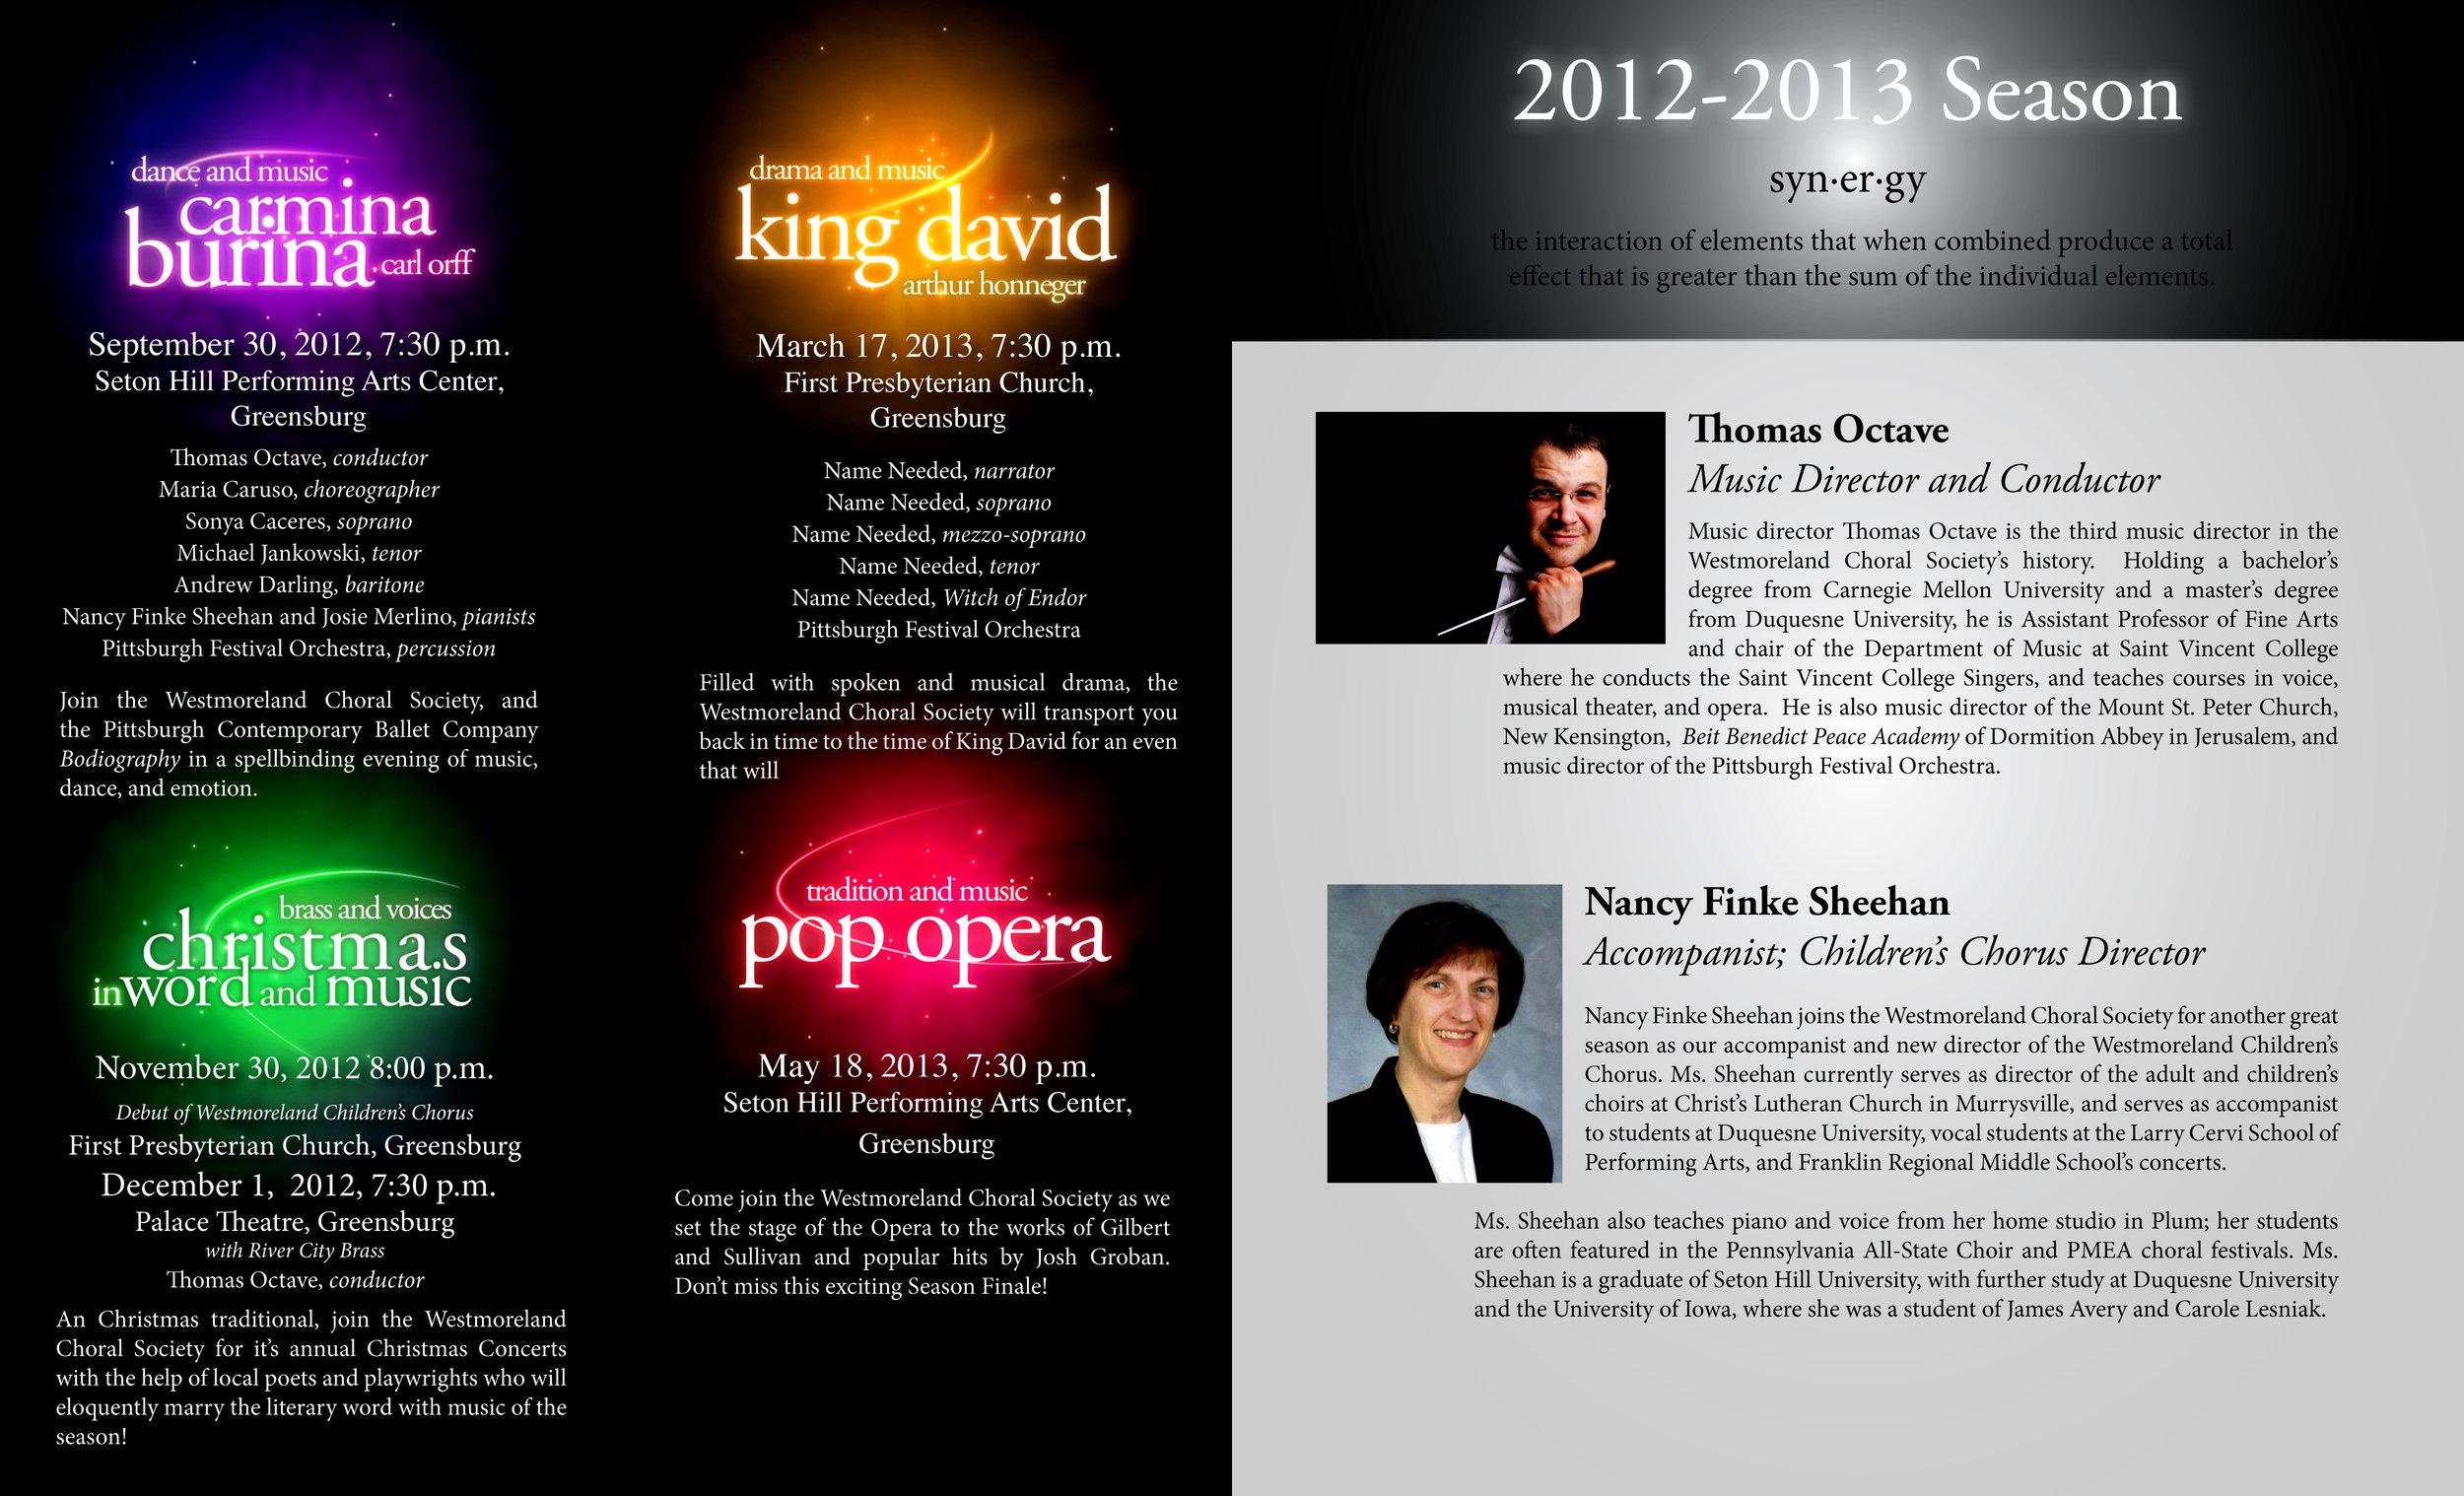 WCS_Brochure_2012_2013-2.jpg